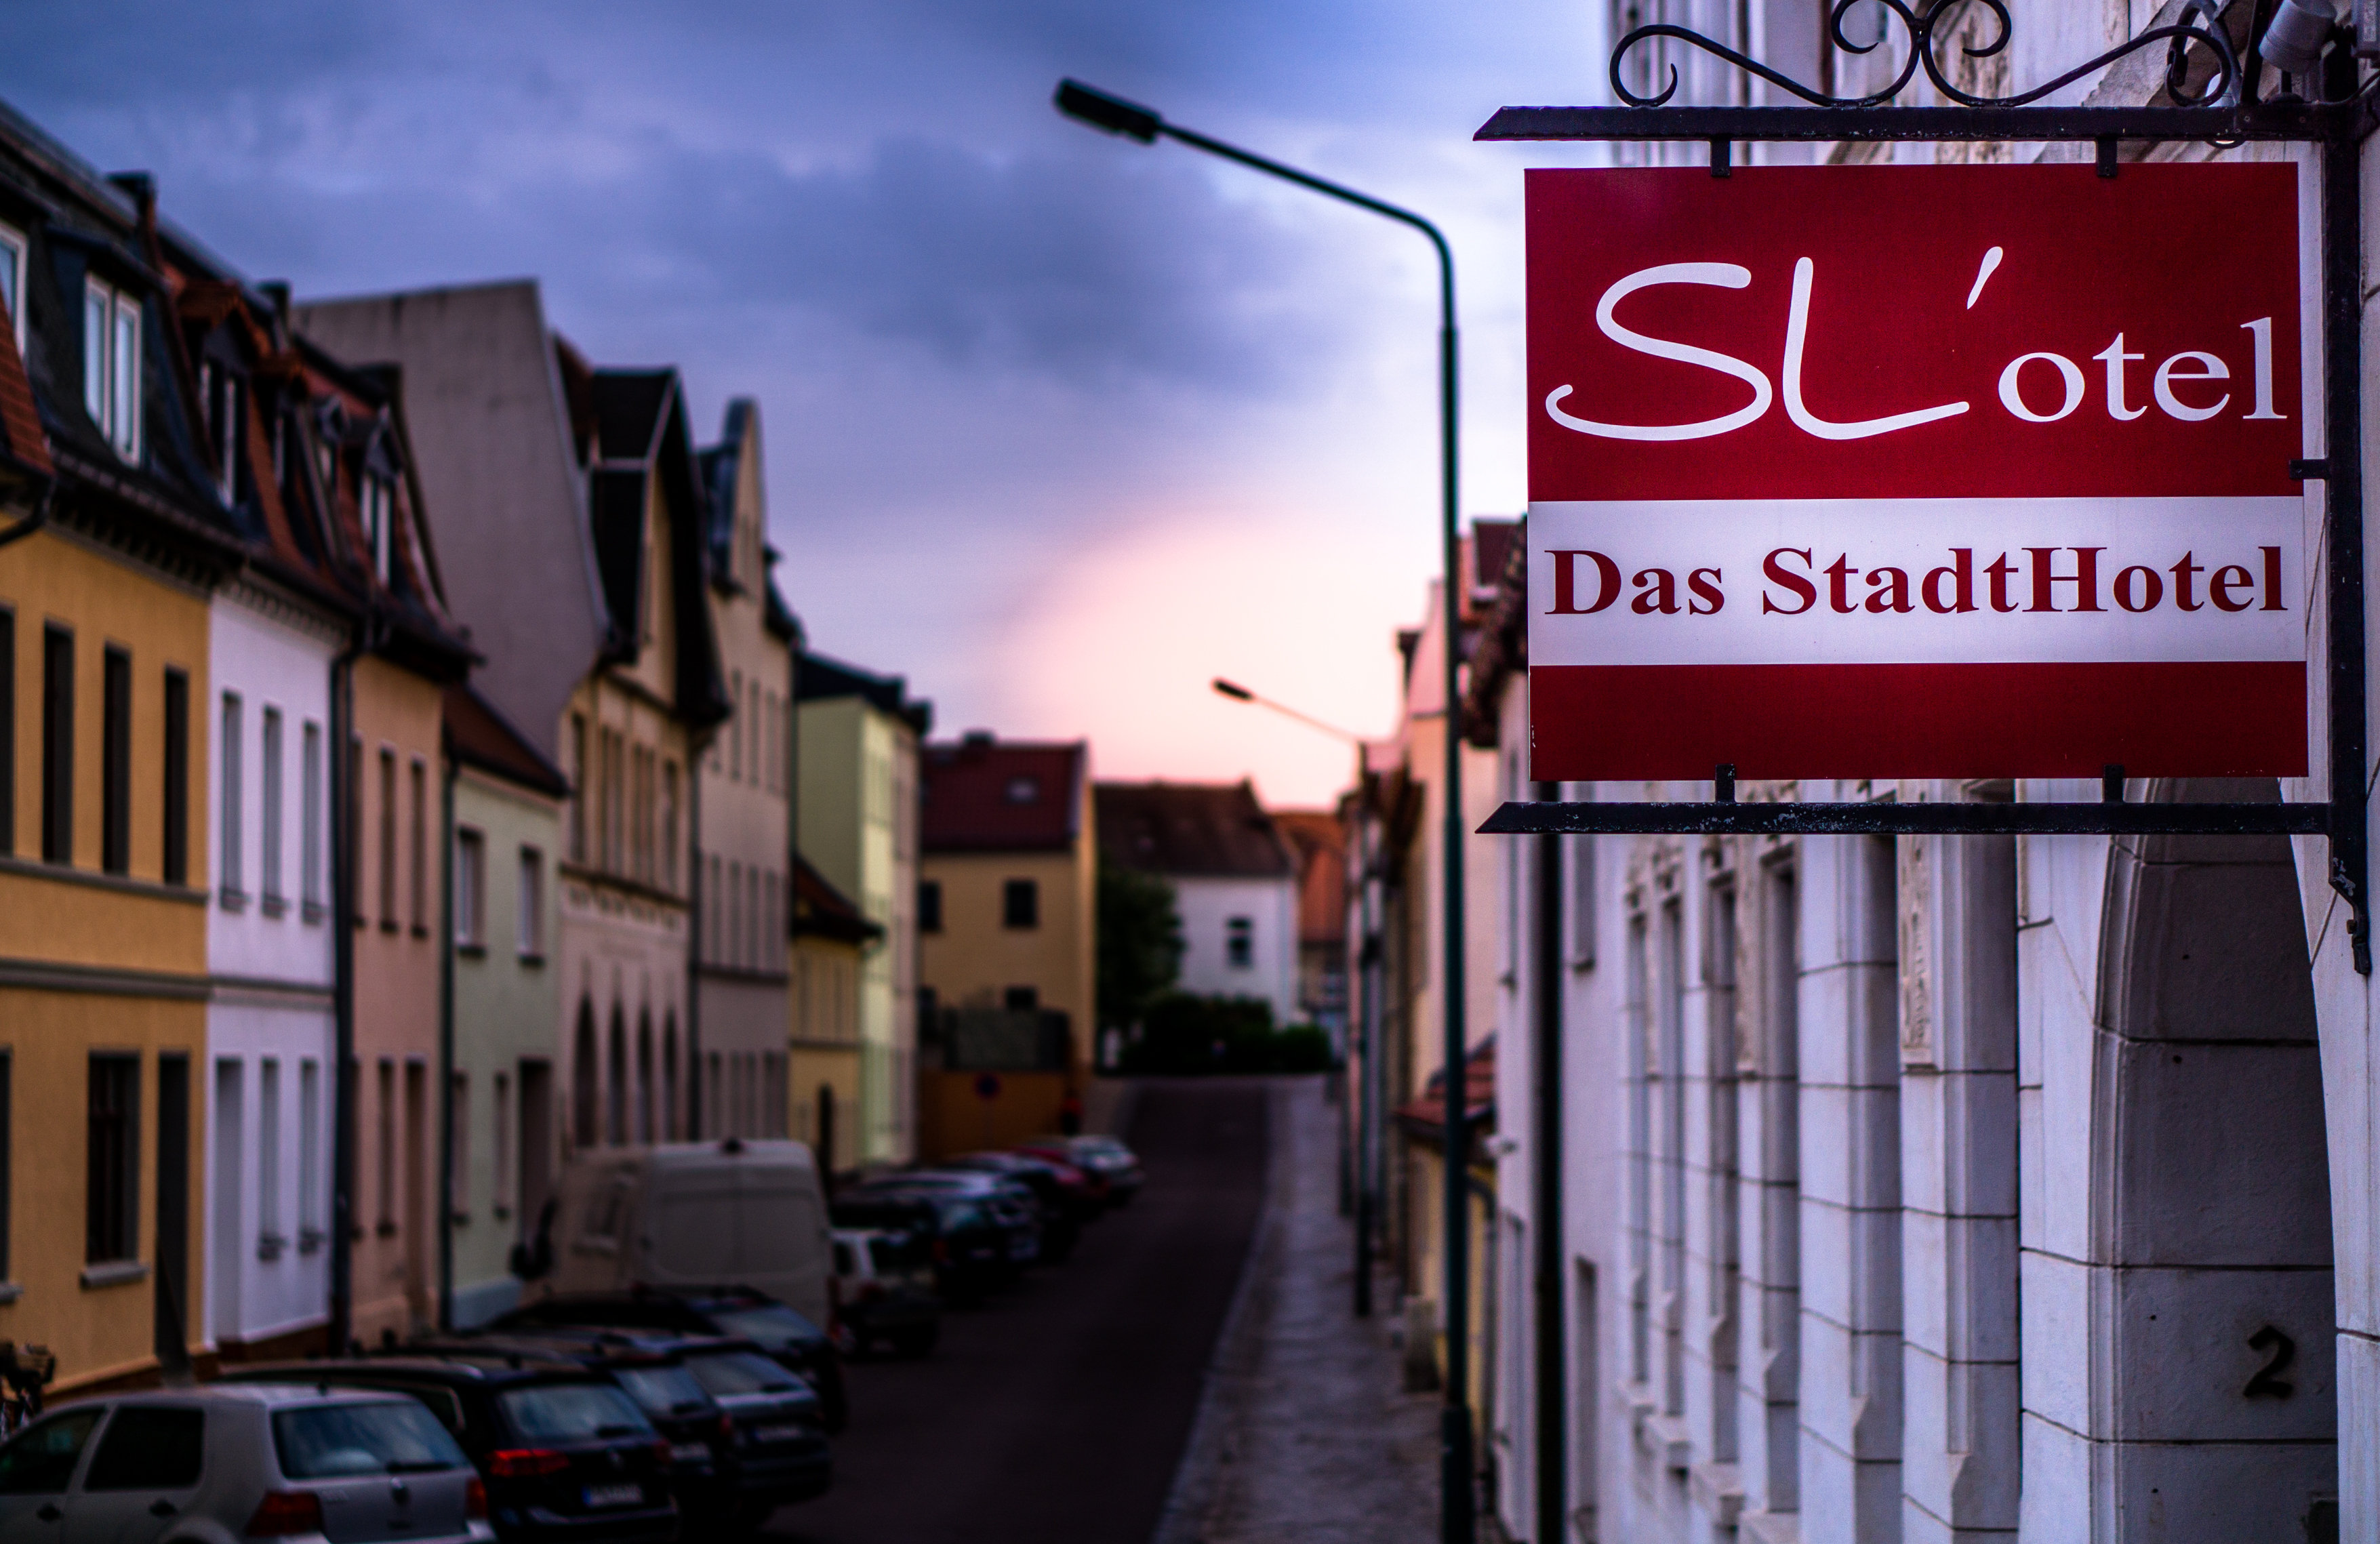 SL'otel Das StadtHotel